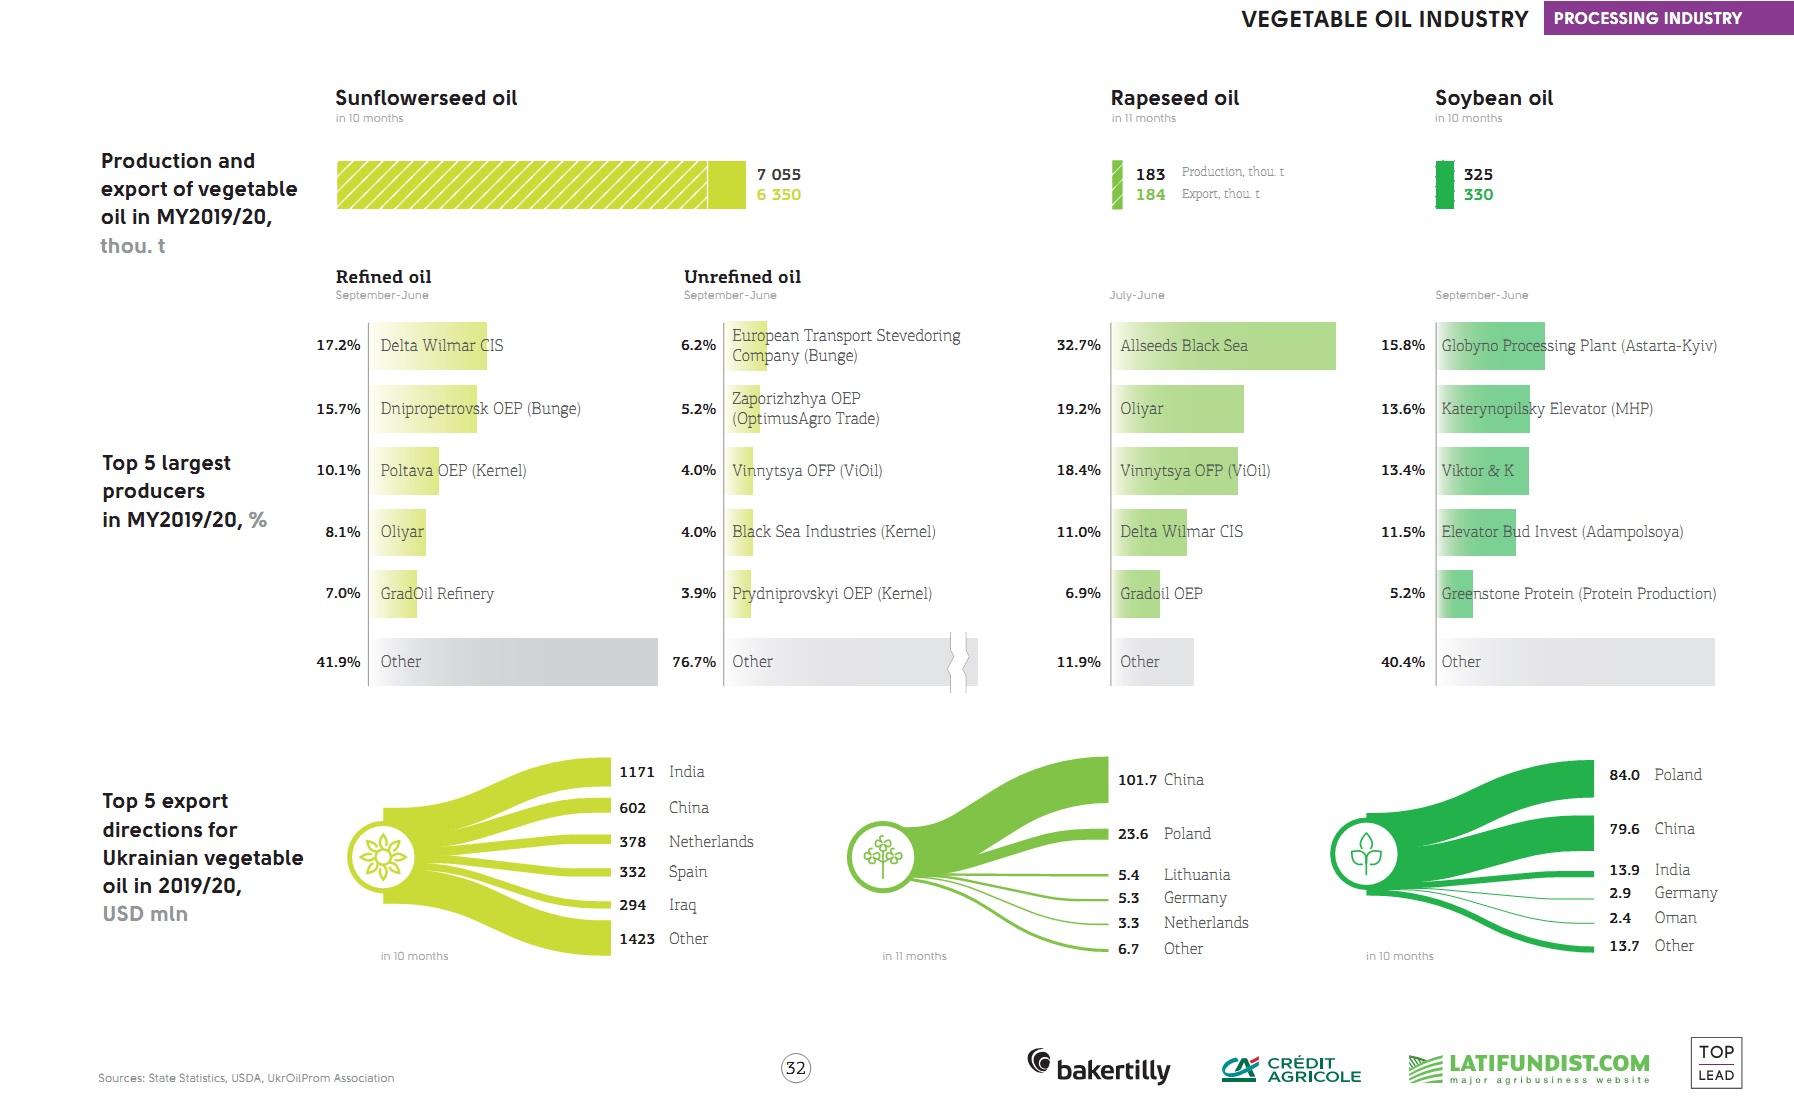 Vegetable oil industry in Ukraine (click for full resolution)